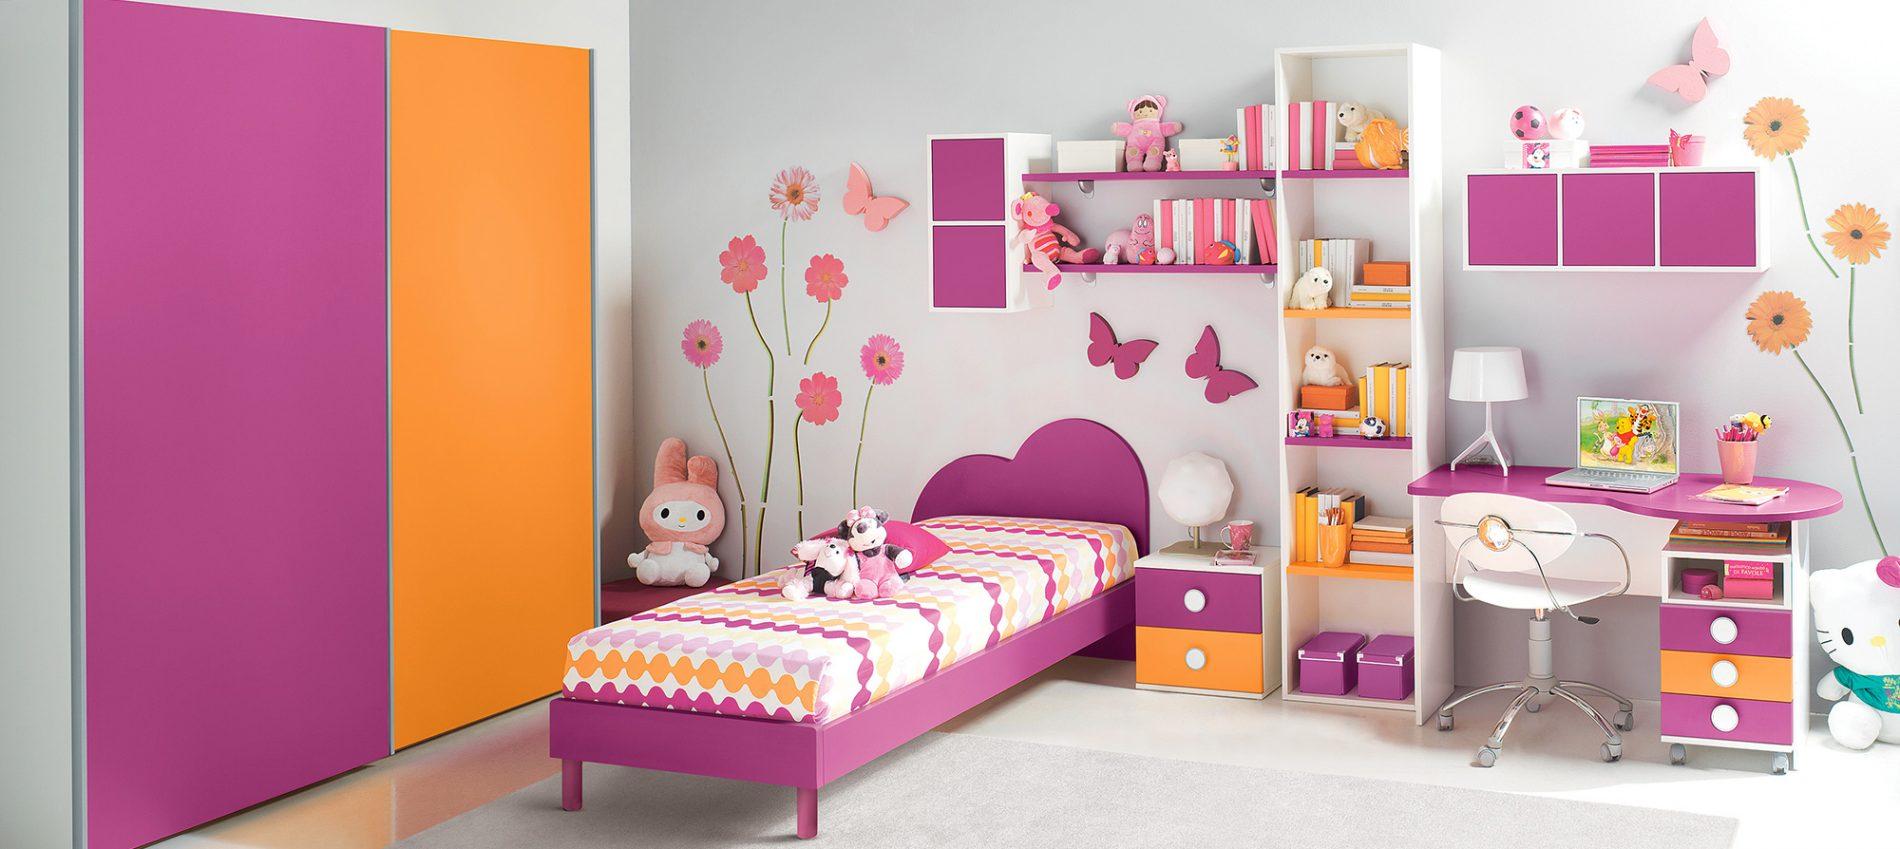 cameretta bambina rosa